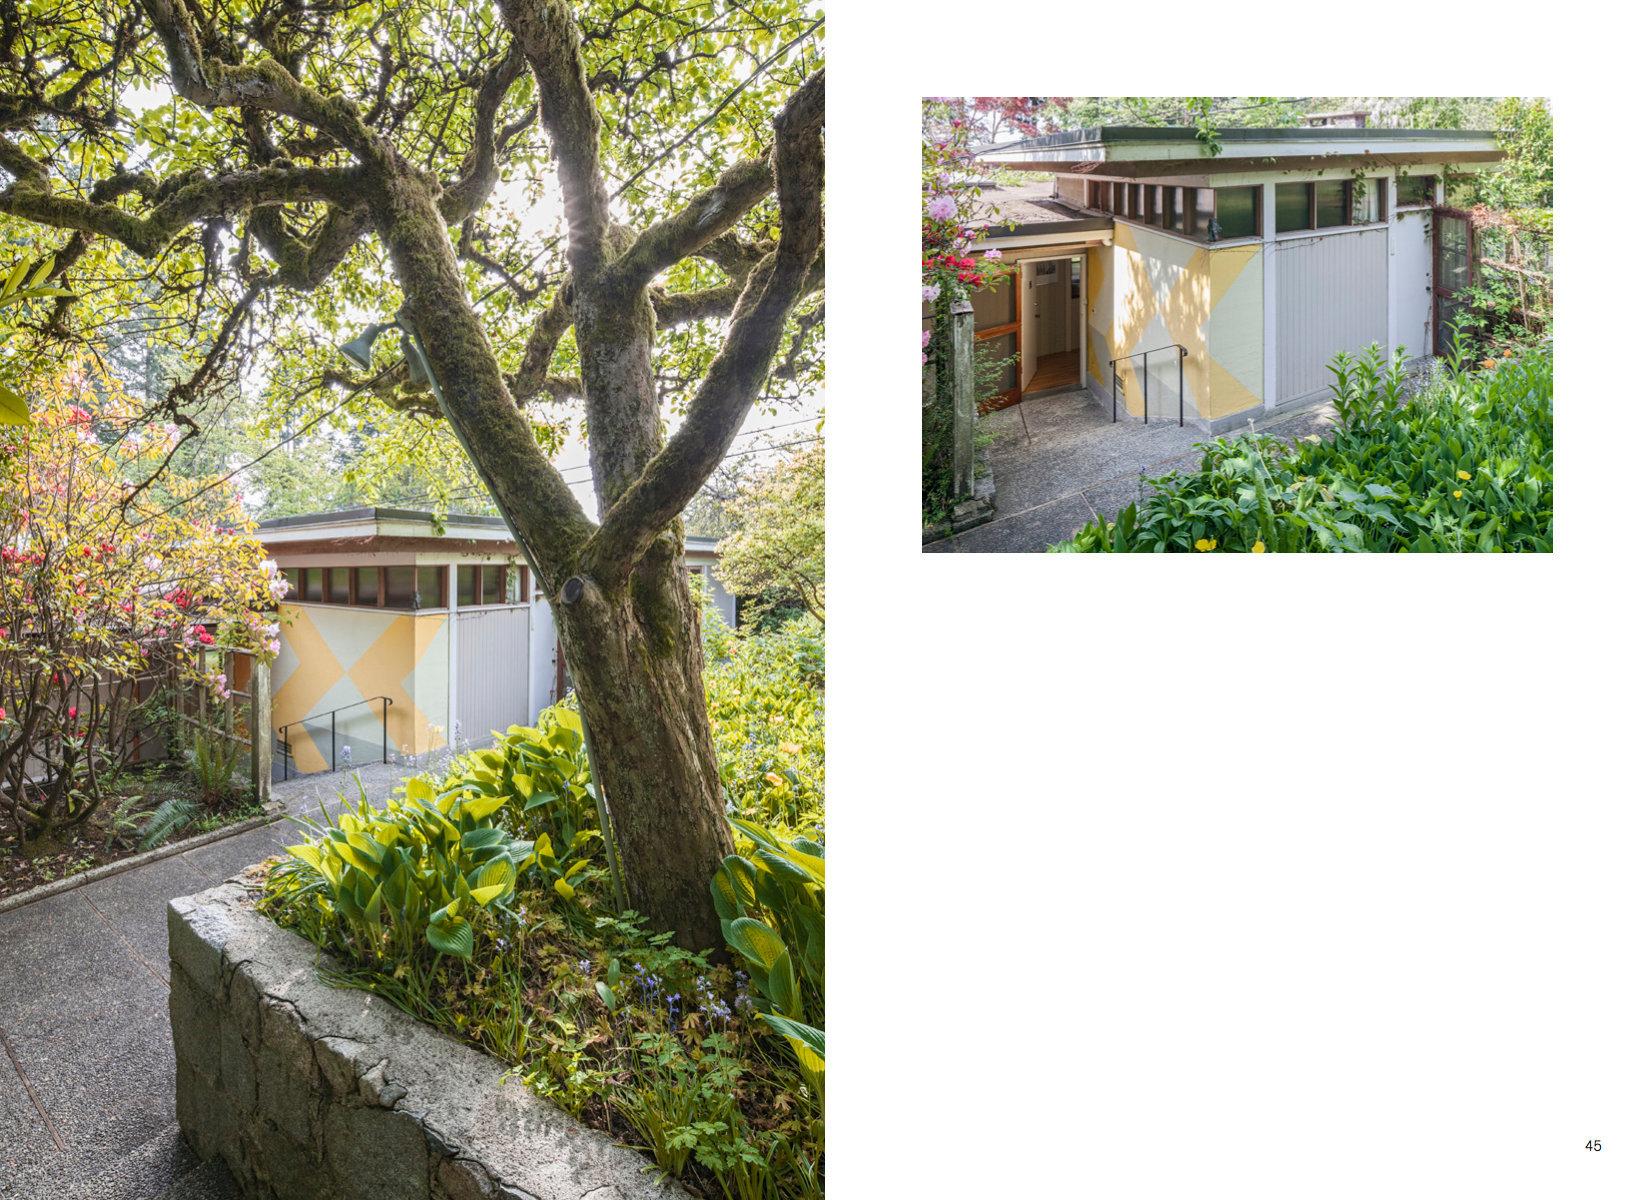 44-45 Binning House.jpg